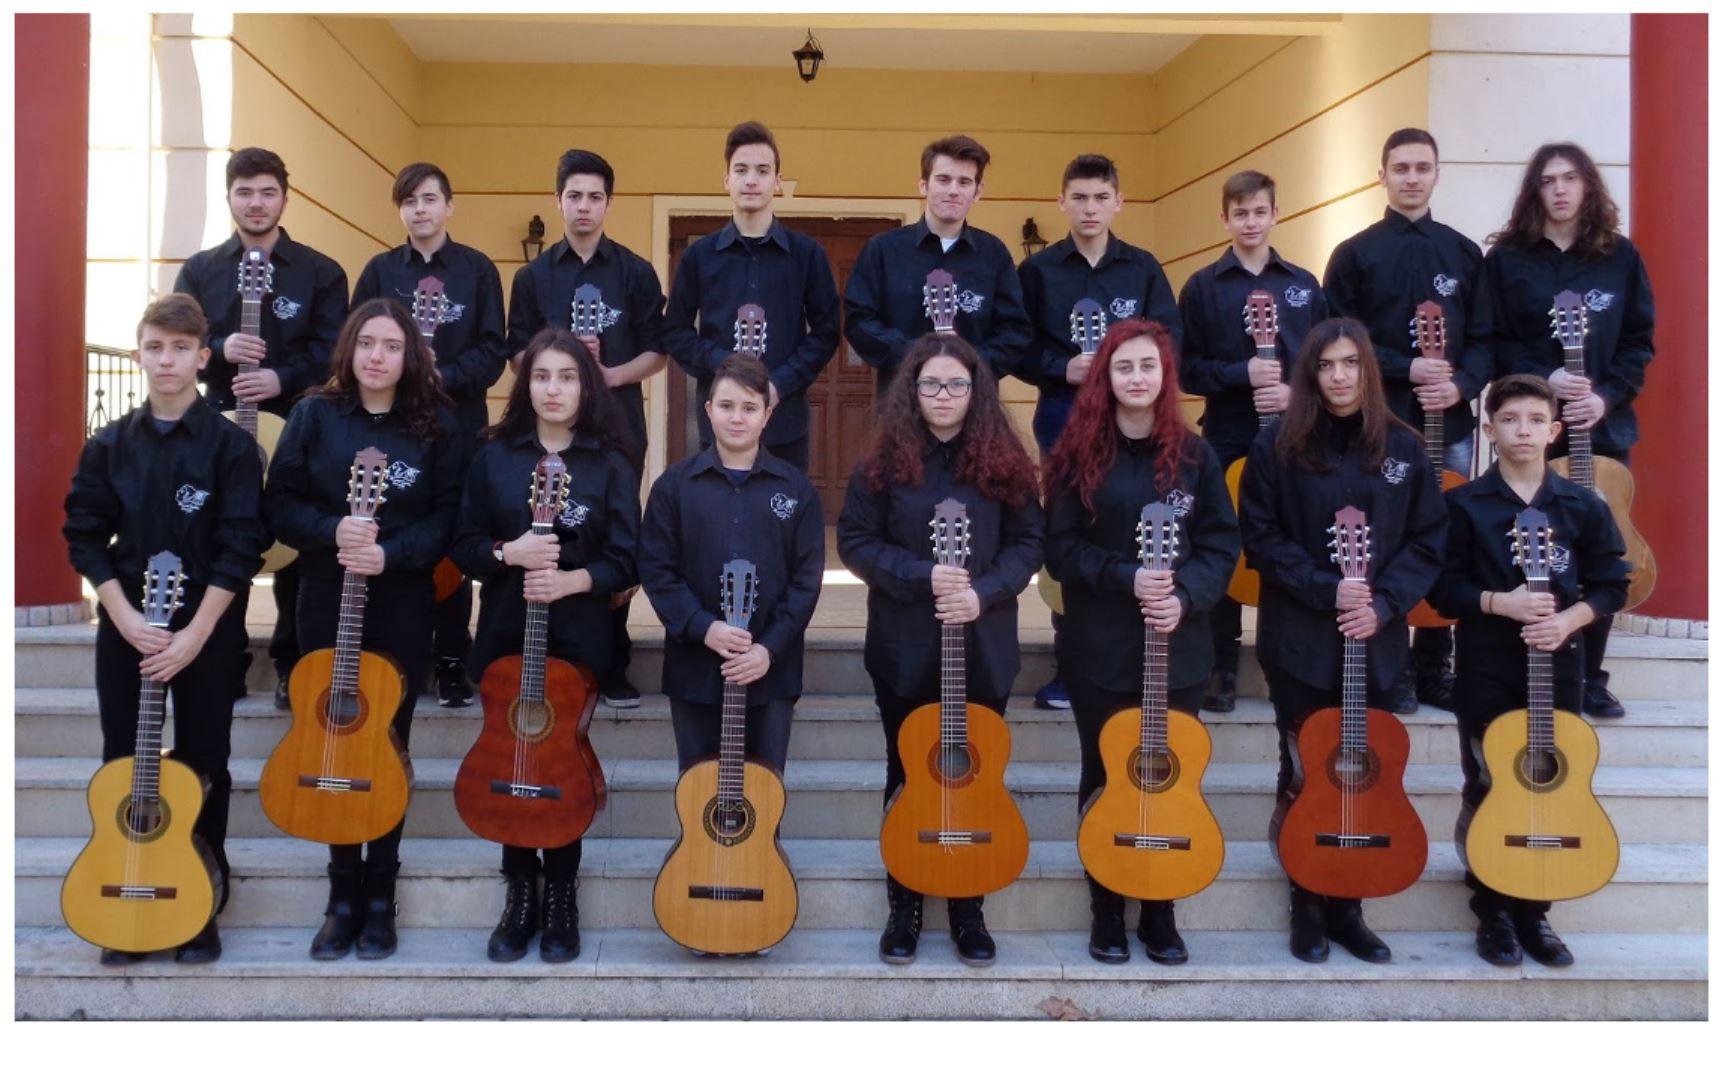 Το μουσικό σχολείο Σιάτιστας σε αγώνες τέχνης στη Θεσσαλονίκη